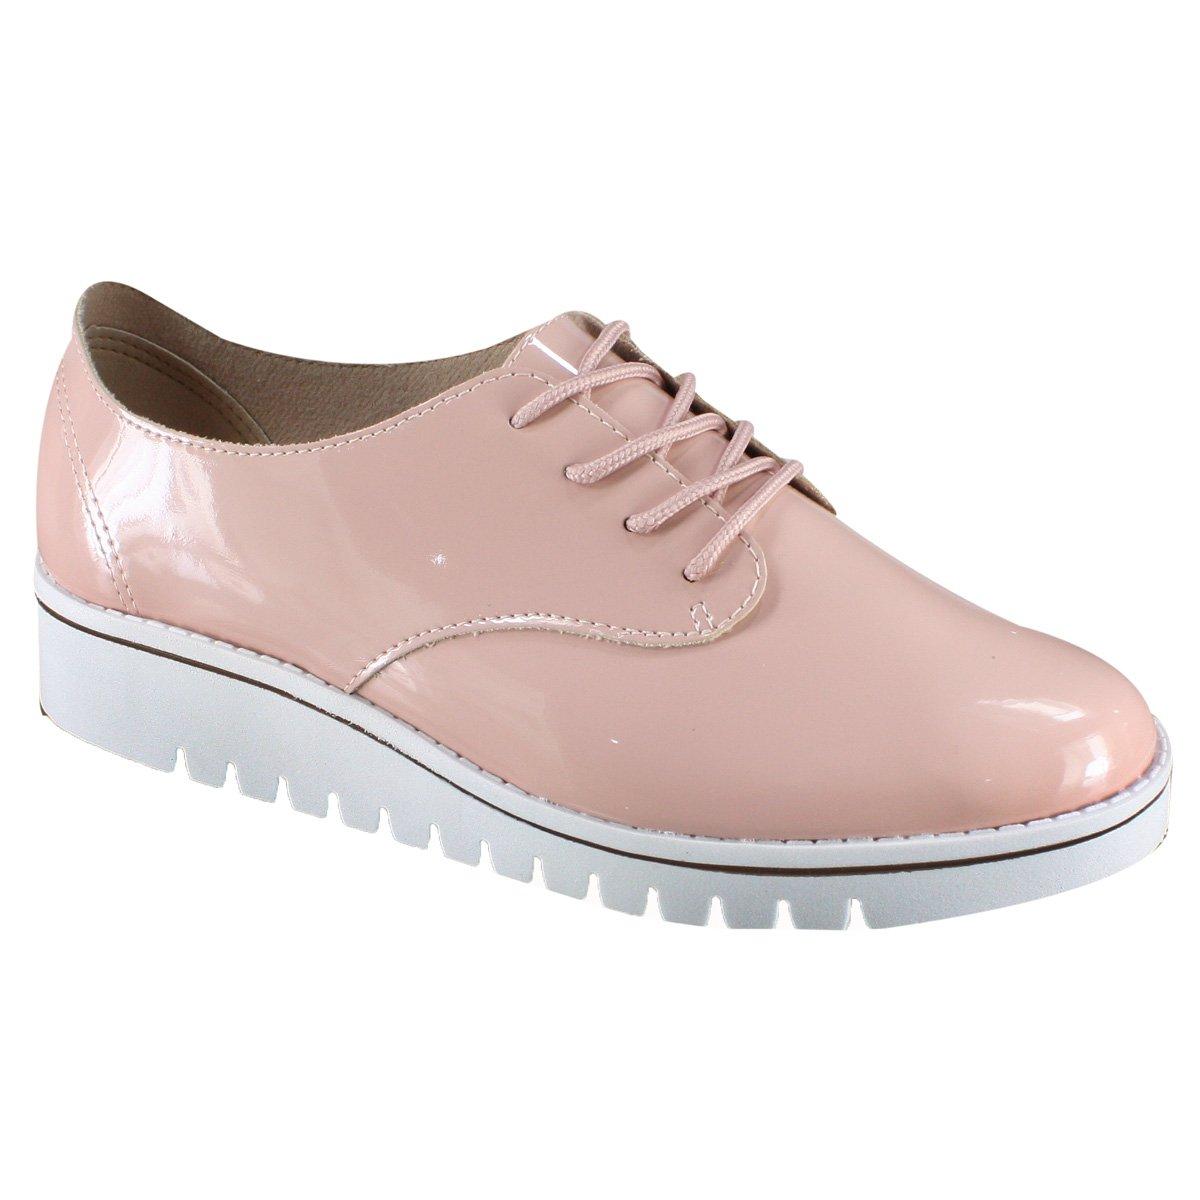 81385e07b6 Amplie a imagem. Sapato Feminino Beira Rio Conforto  Sapato Feminino Beira  Rio Conforto 2  Sapato Feminino ...